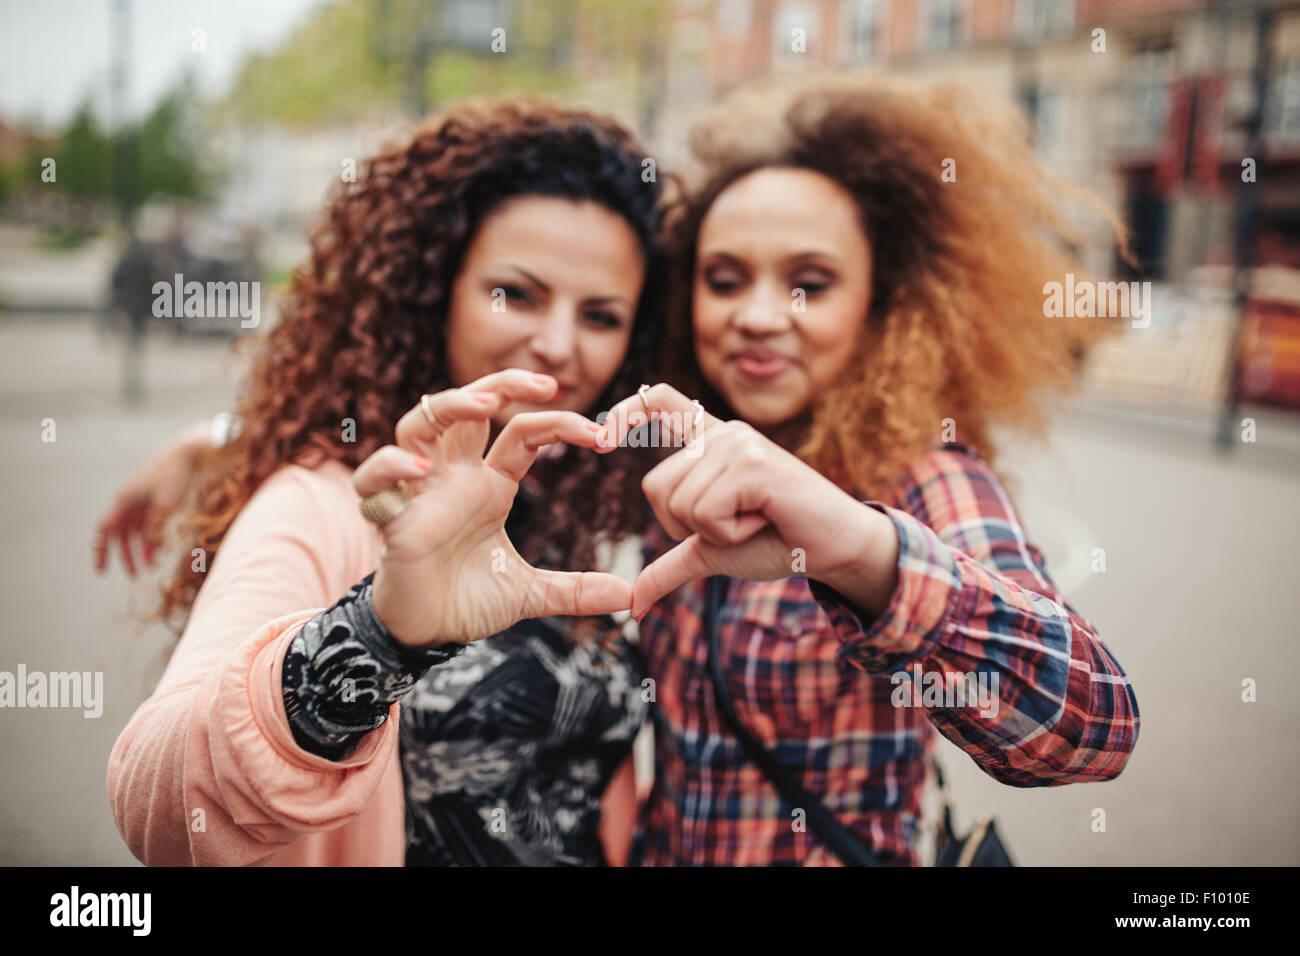 Feliz amigas jóvenes haciendo forma de corazón con las manos y los dedos. Dos mujeres de pie junto al Imagen De Stock